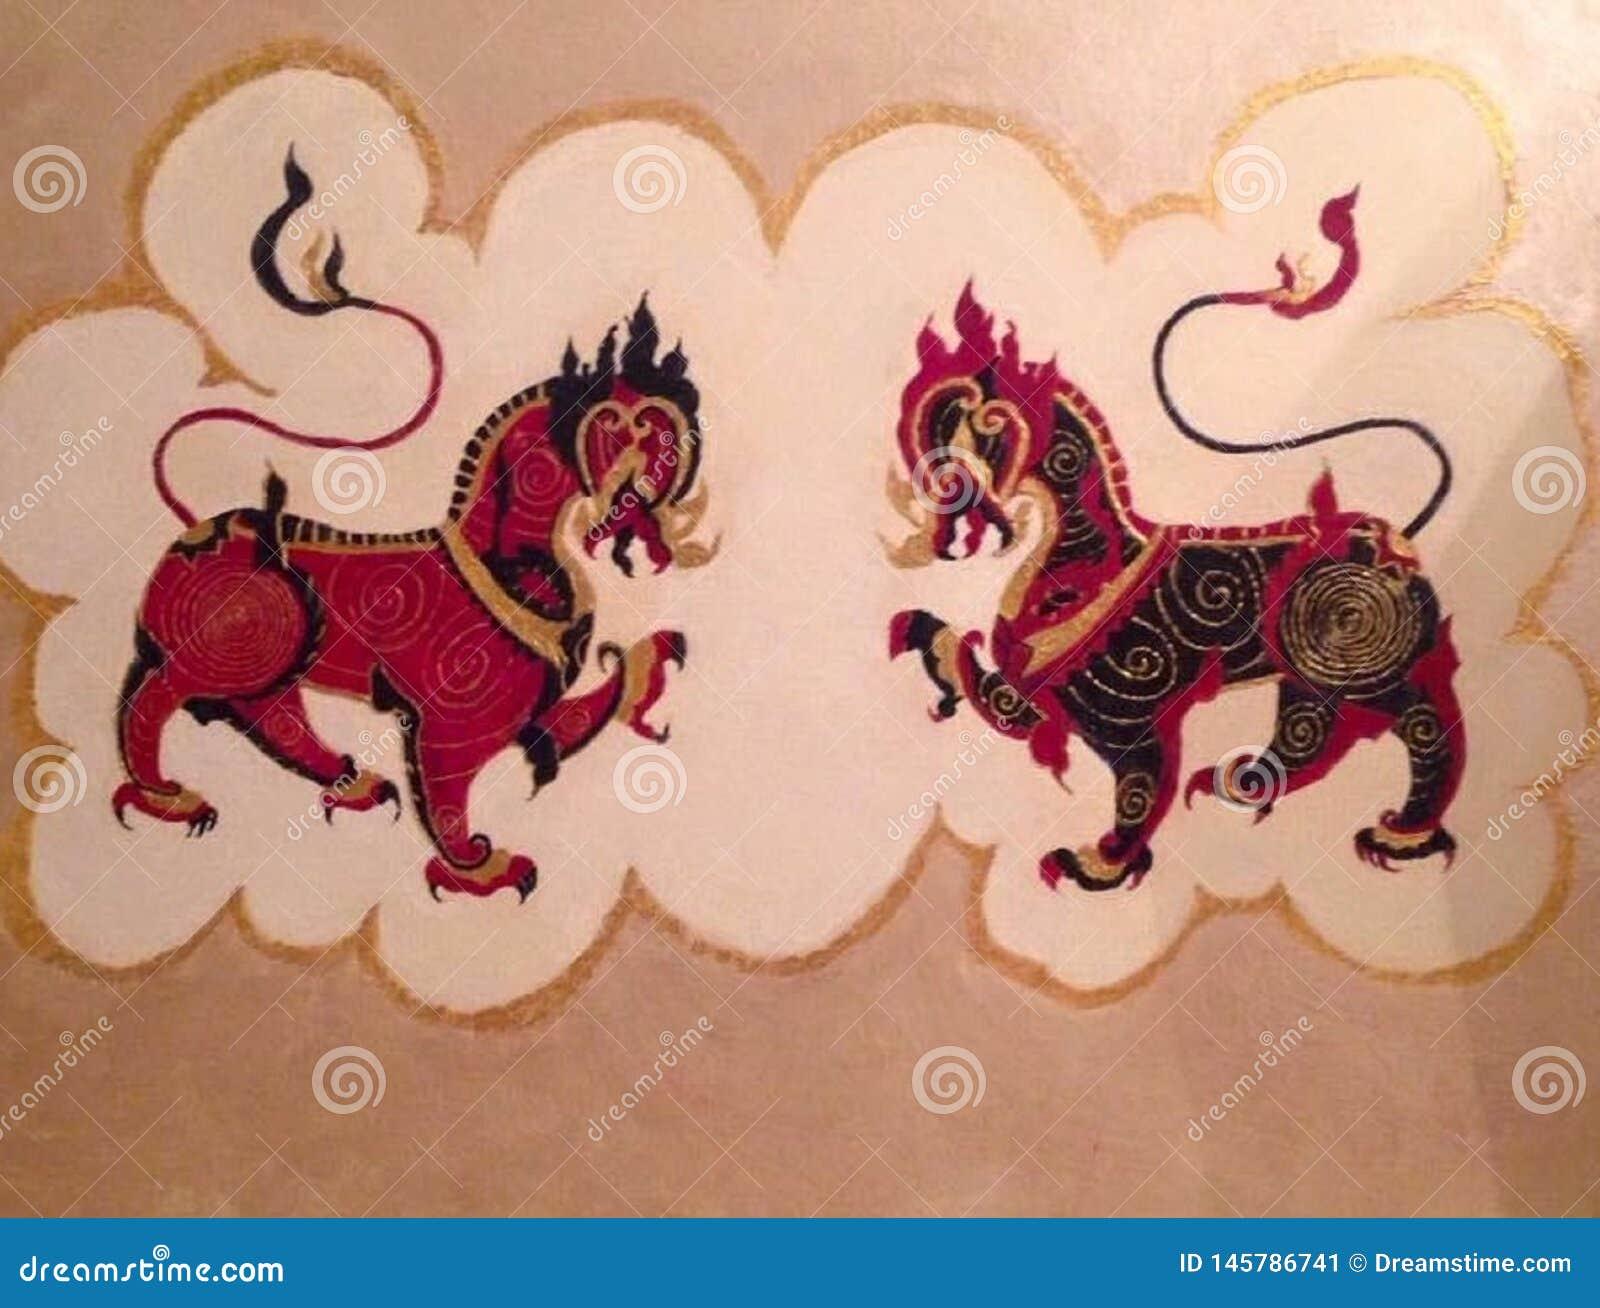 双龙会,双狮子,虚构物妖怪,神话